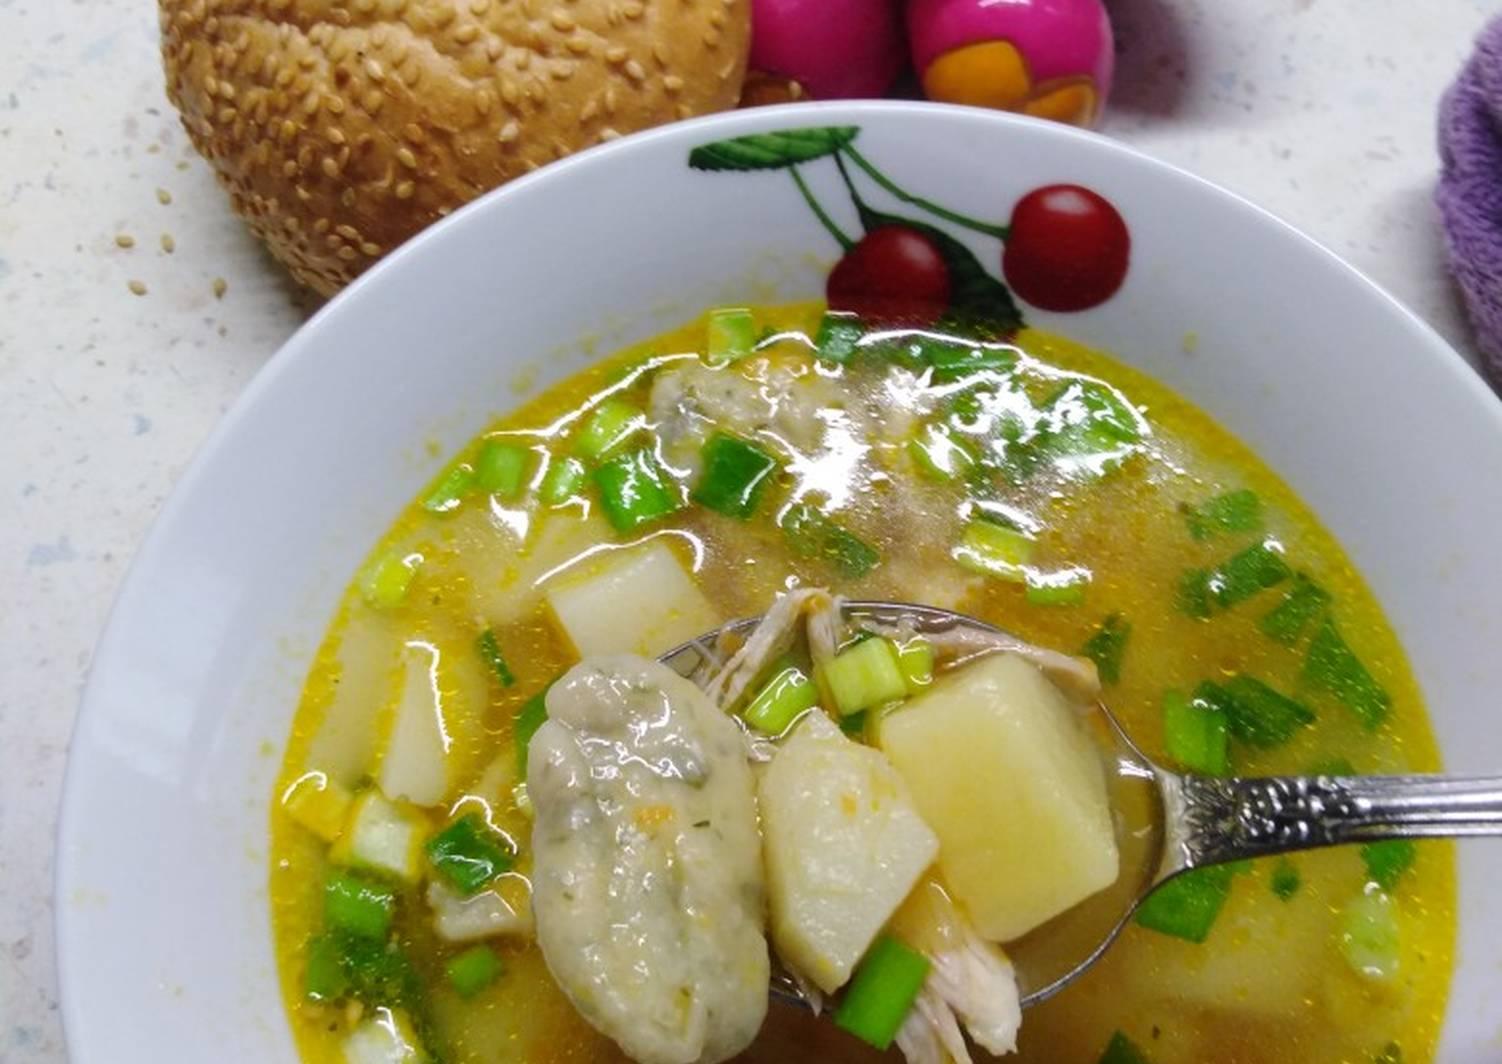 менее, суп с галушками фото рецепт приготовления идеально подходит для